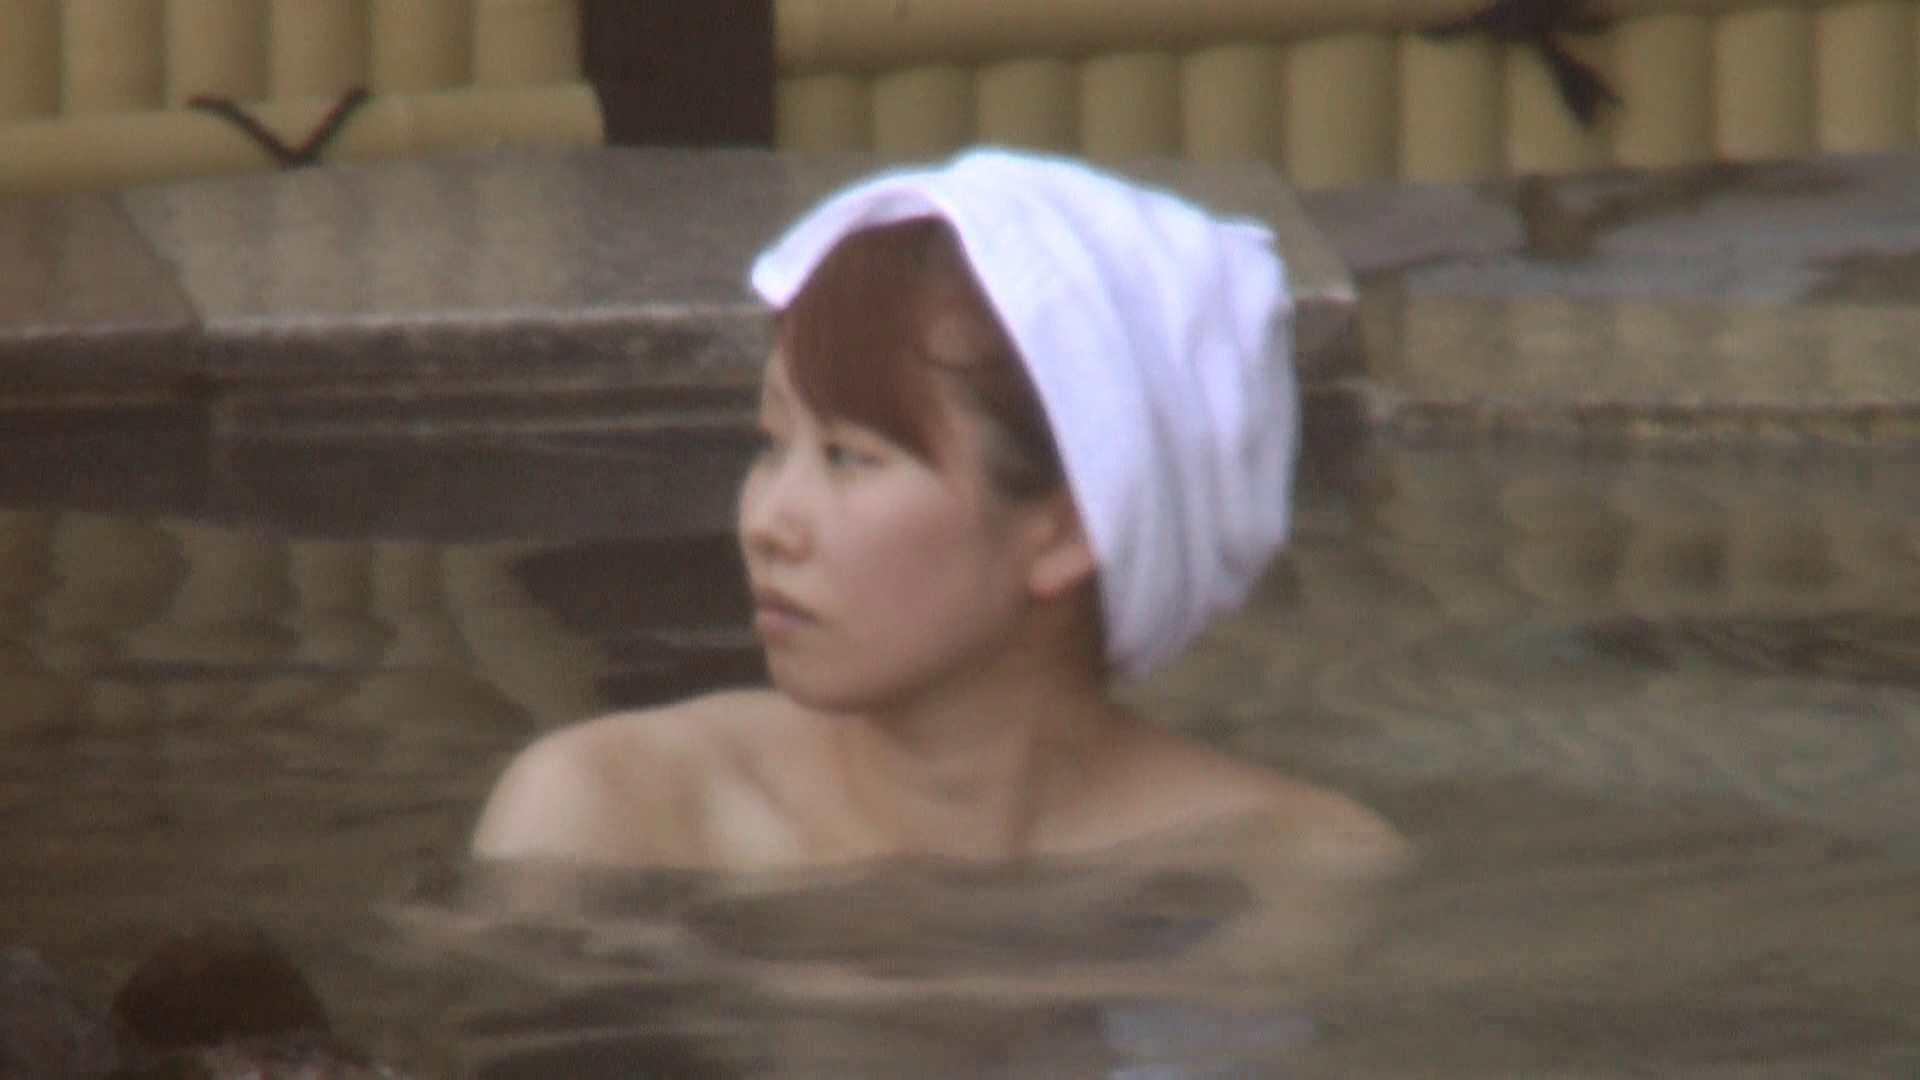 Aquaな露天風呂Vol.210 OLのエロ生活  83連発 48